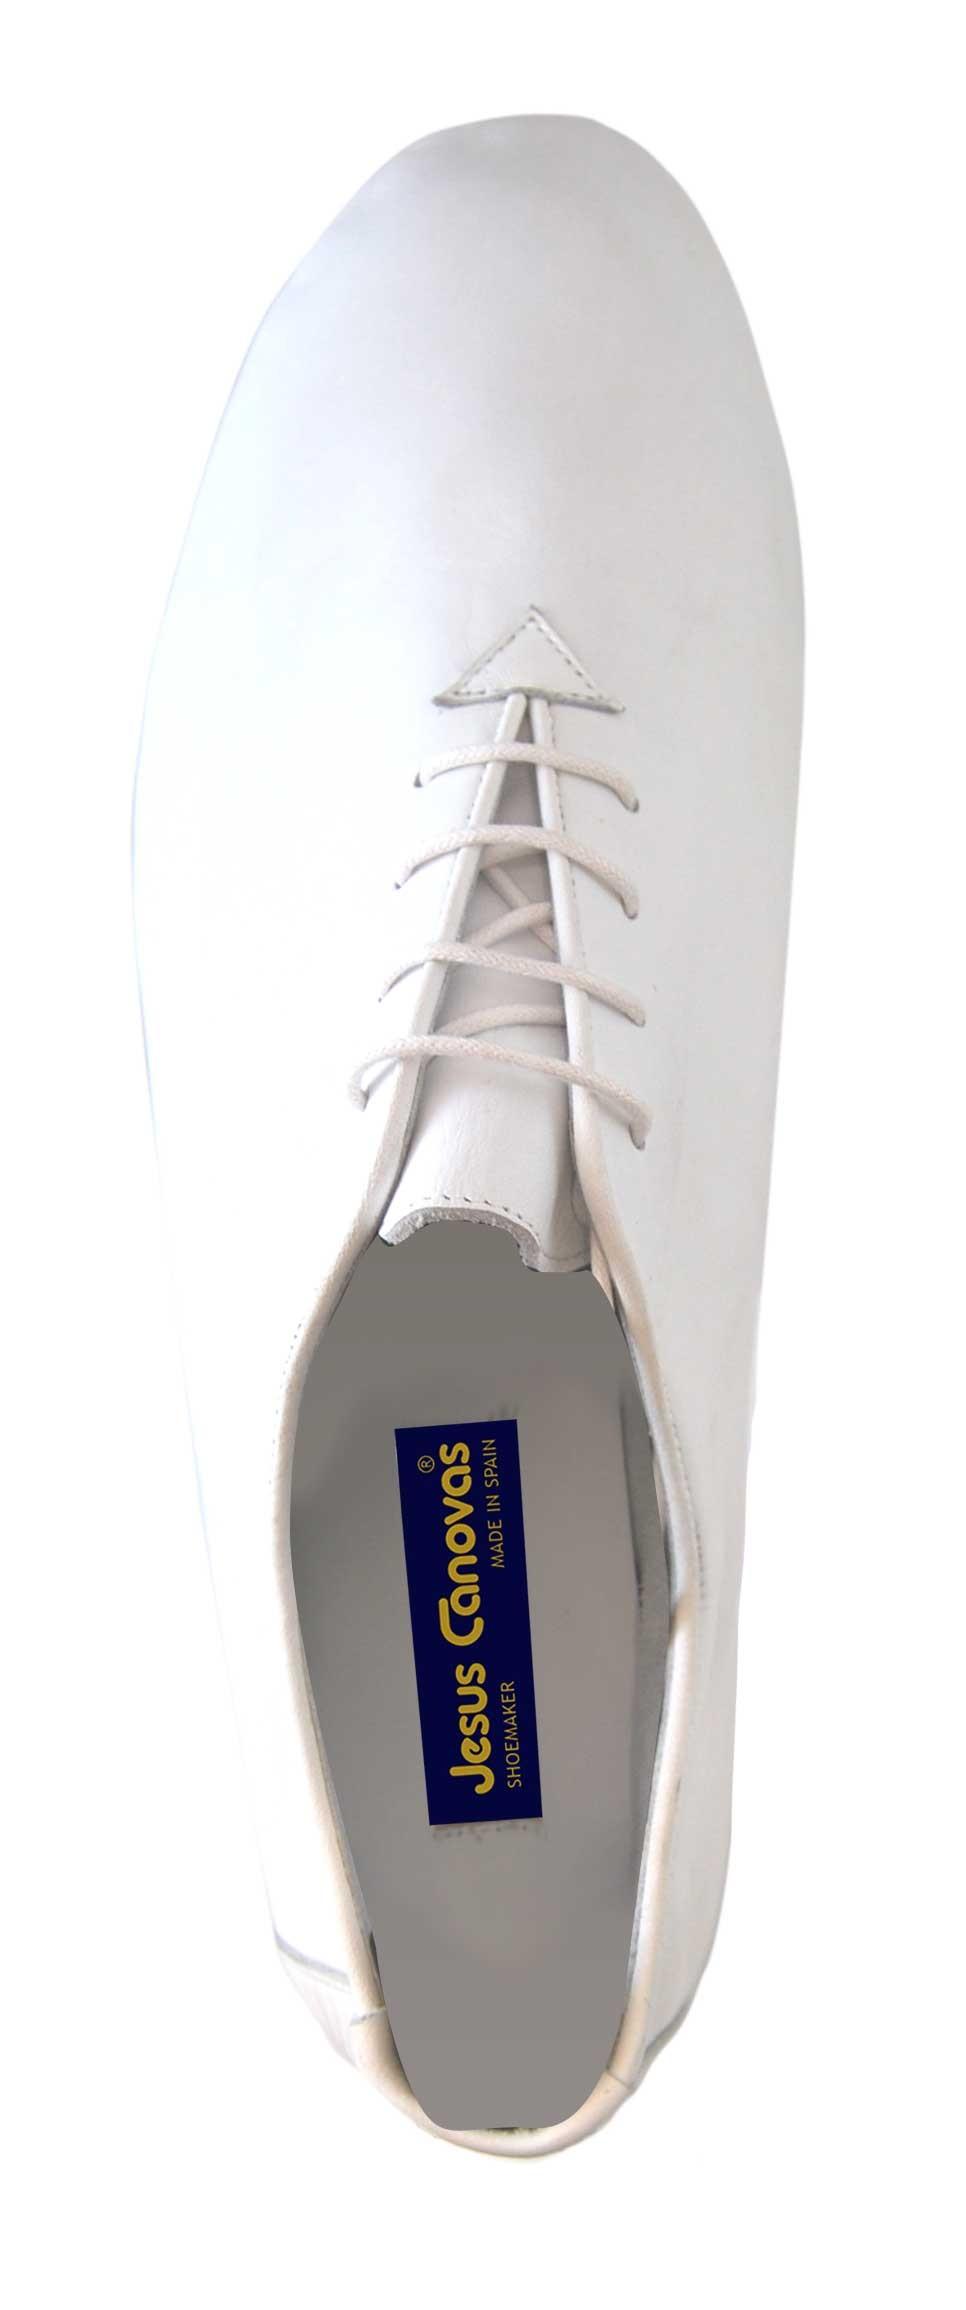 Foto 2 de Zapatos Julio Iglesias Cordon 529 Blanco Napa